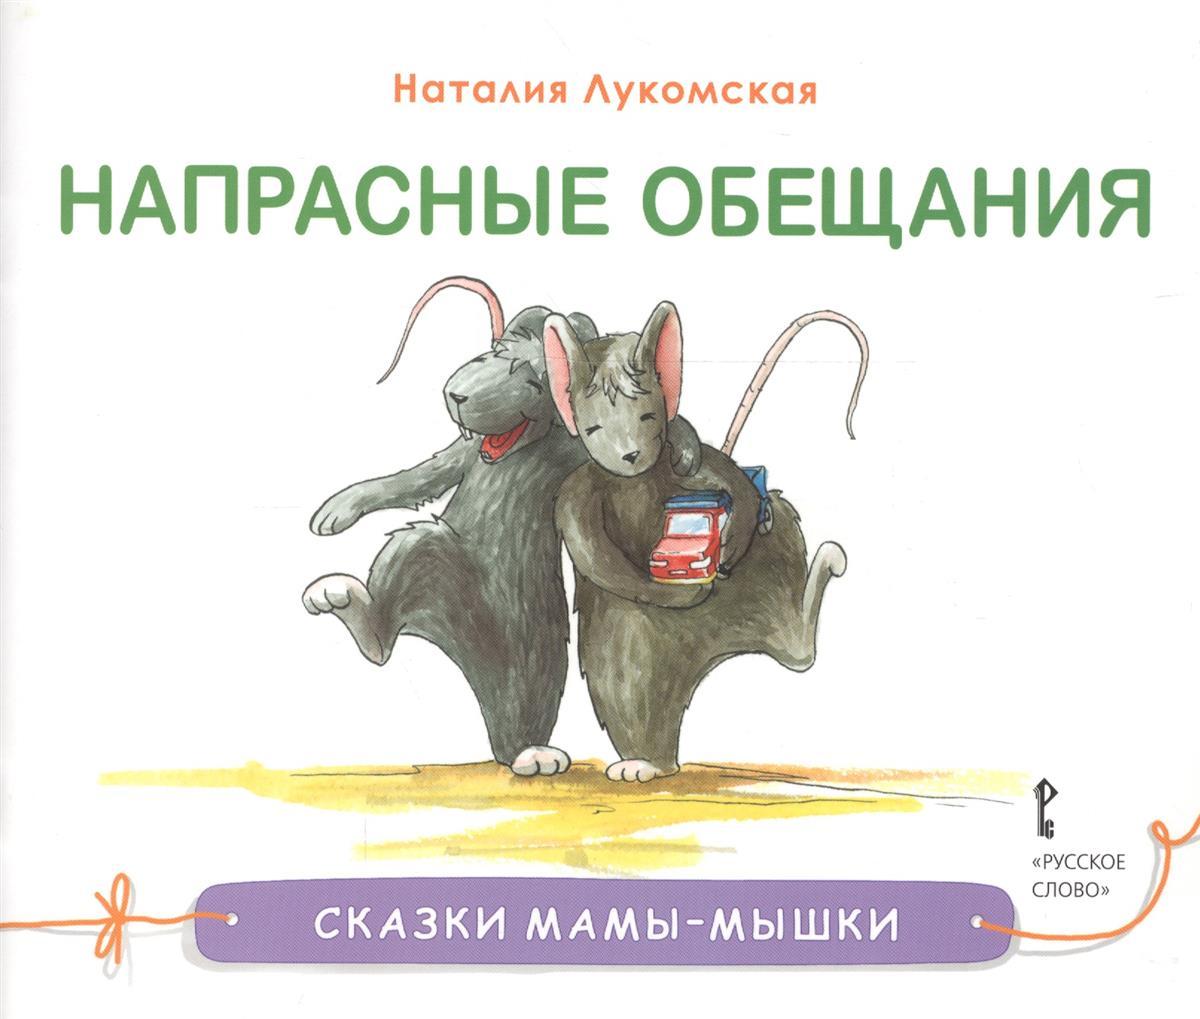 Лукомская Н. Напрасные обещания. Сказка